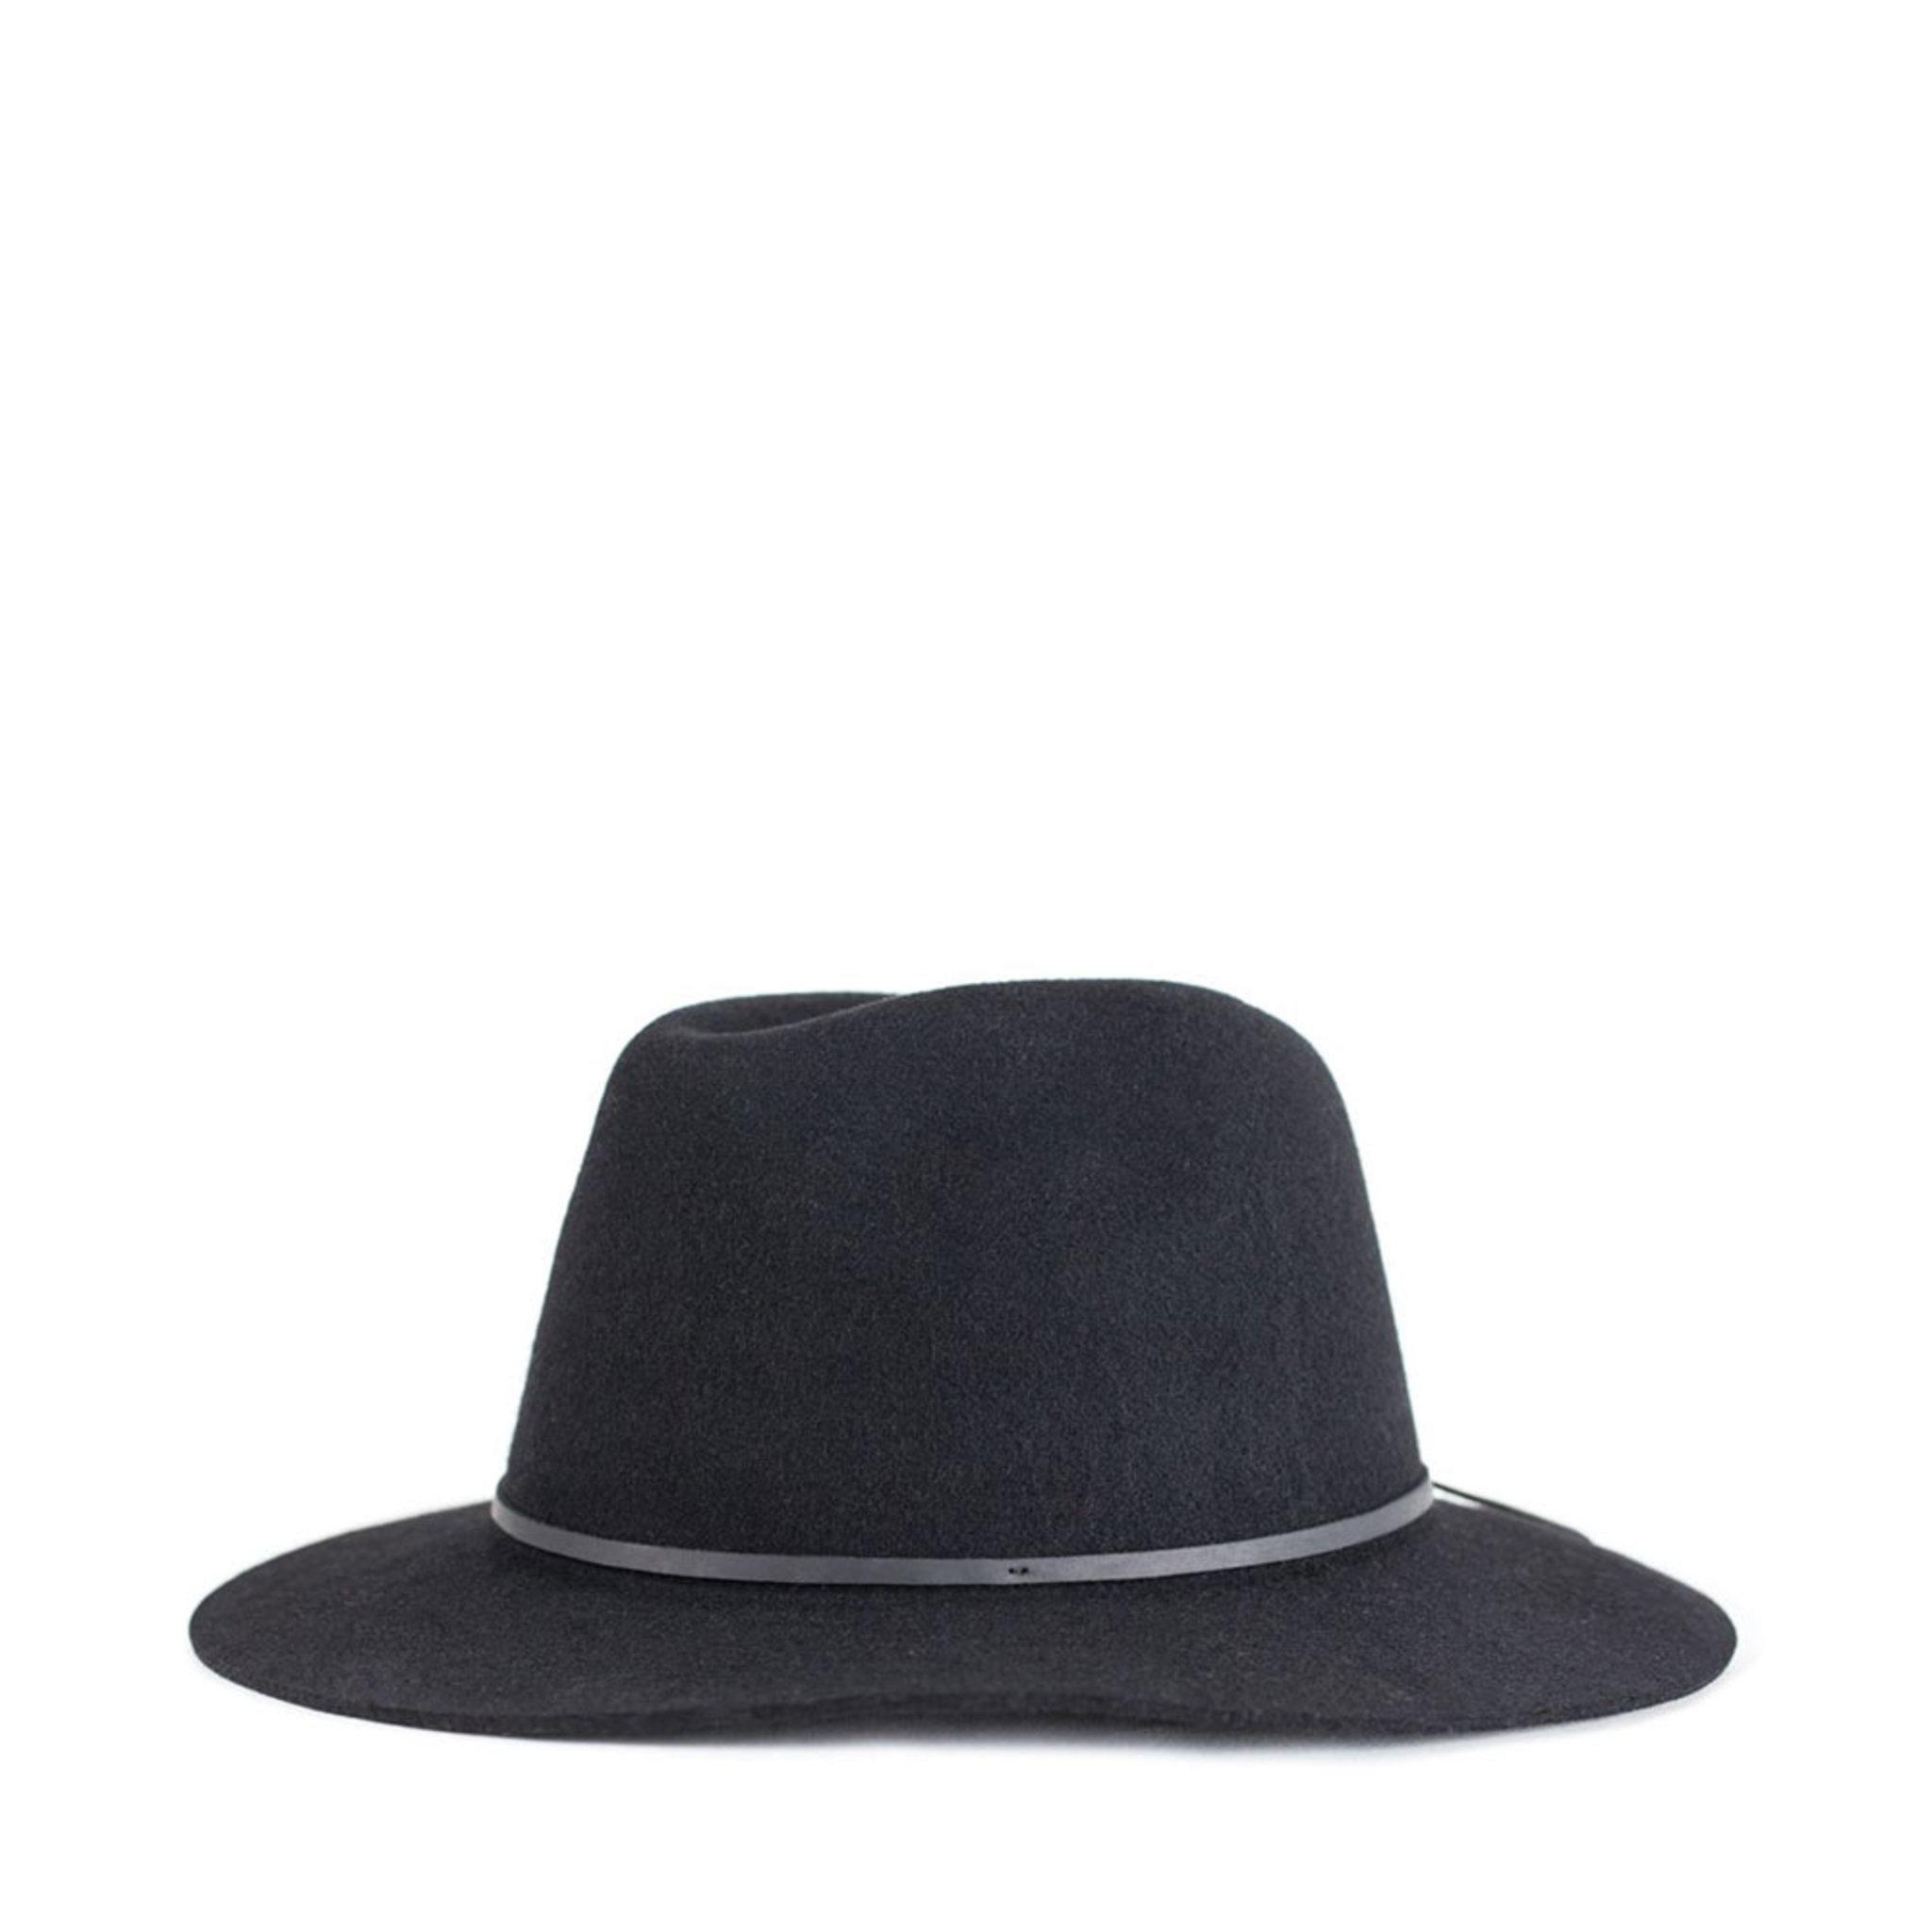 Hatt Wesley Fedora - Mössor   hattar - Köp online på åhlens.se! 8a0e086874aeb